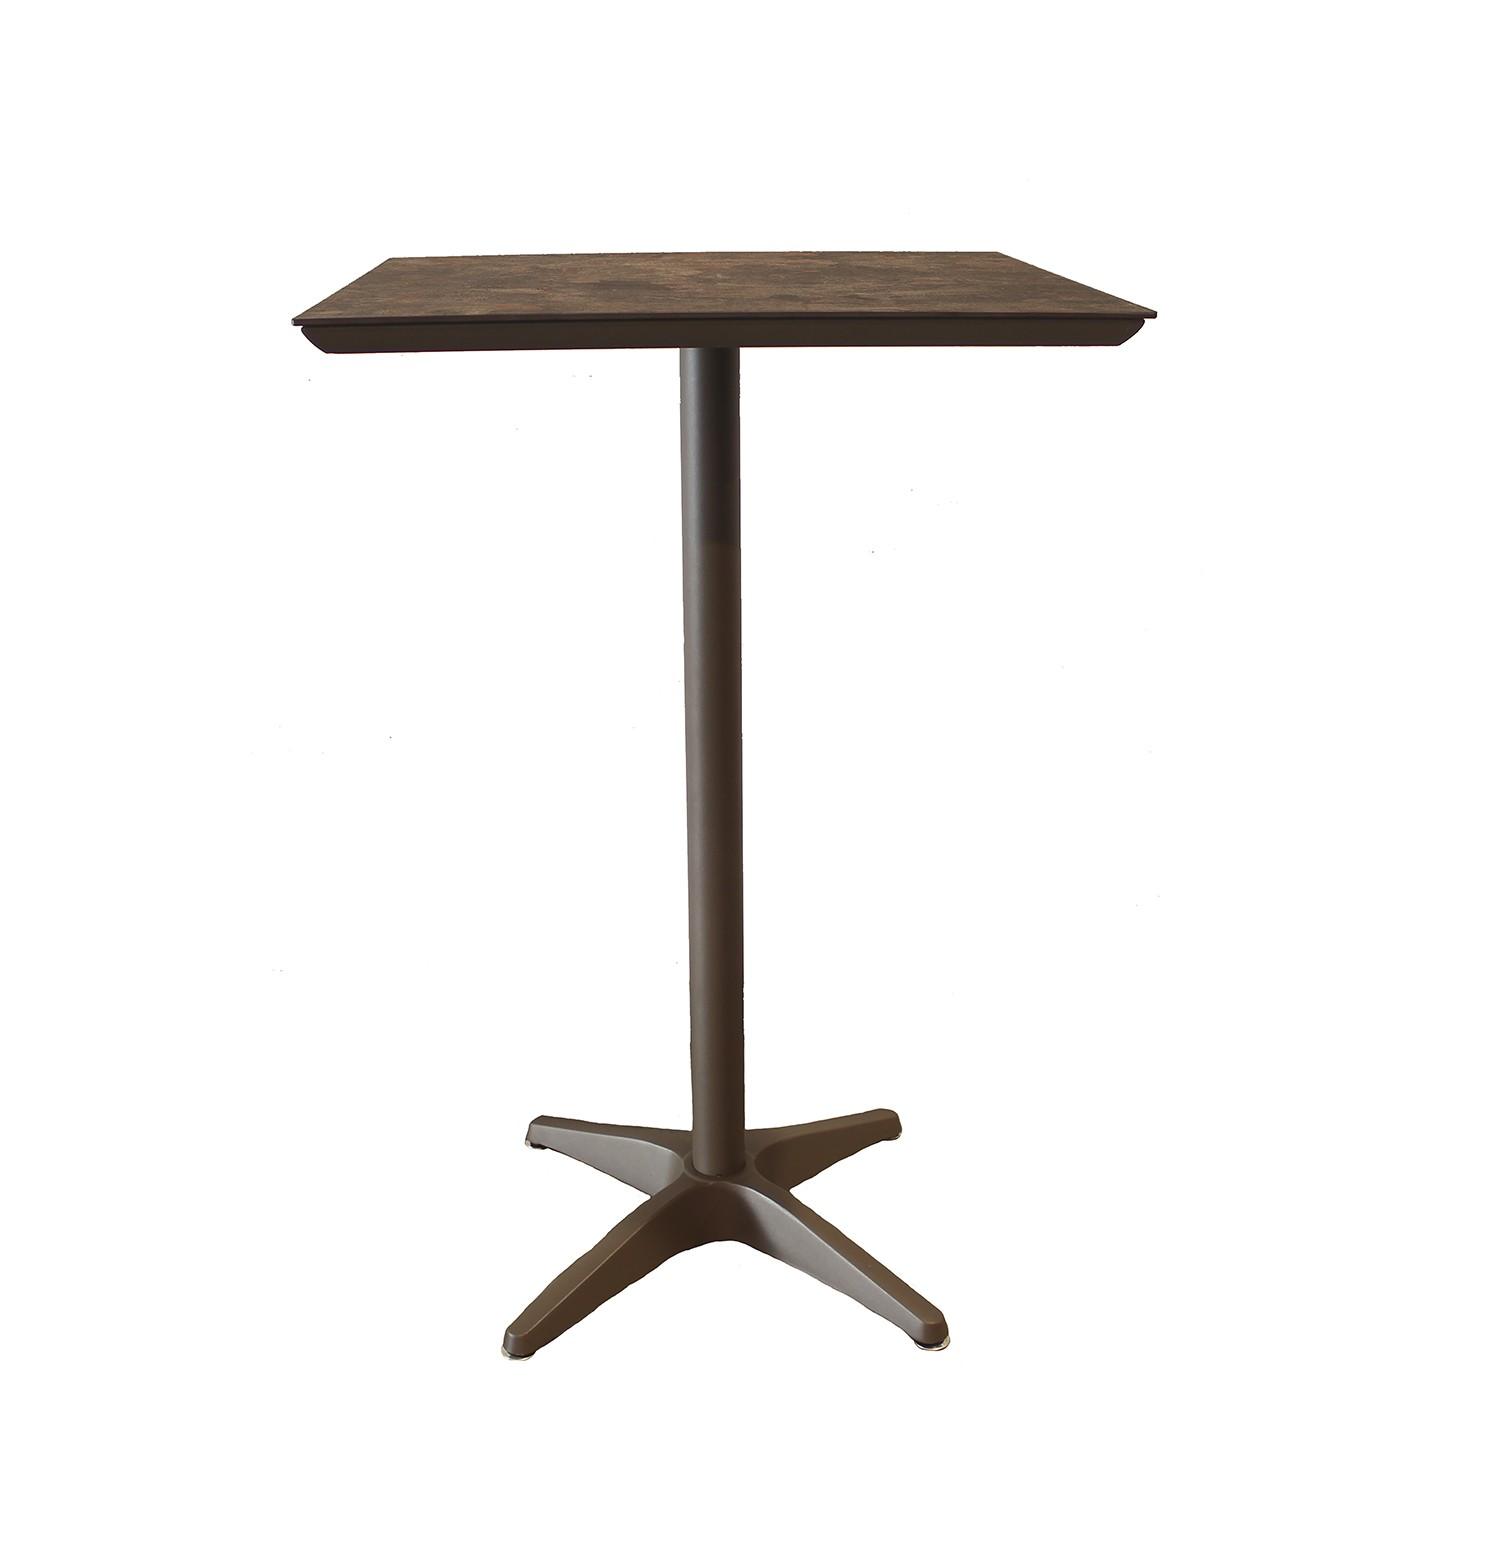 Aluminium Table, Cask Metal w/ Satin Finish.